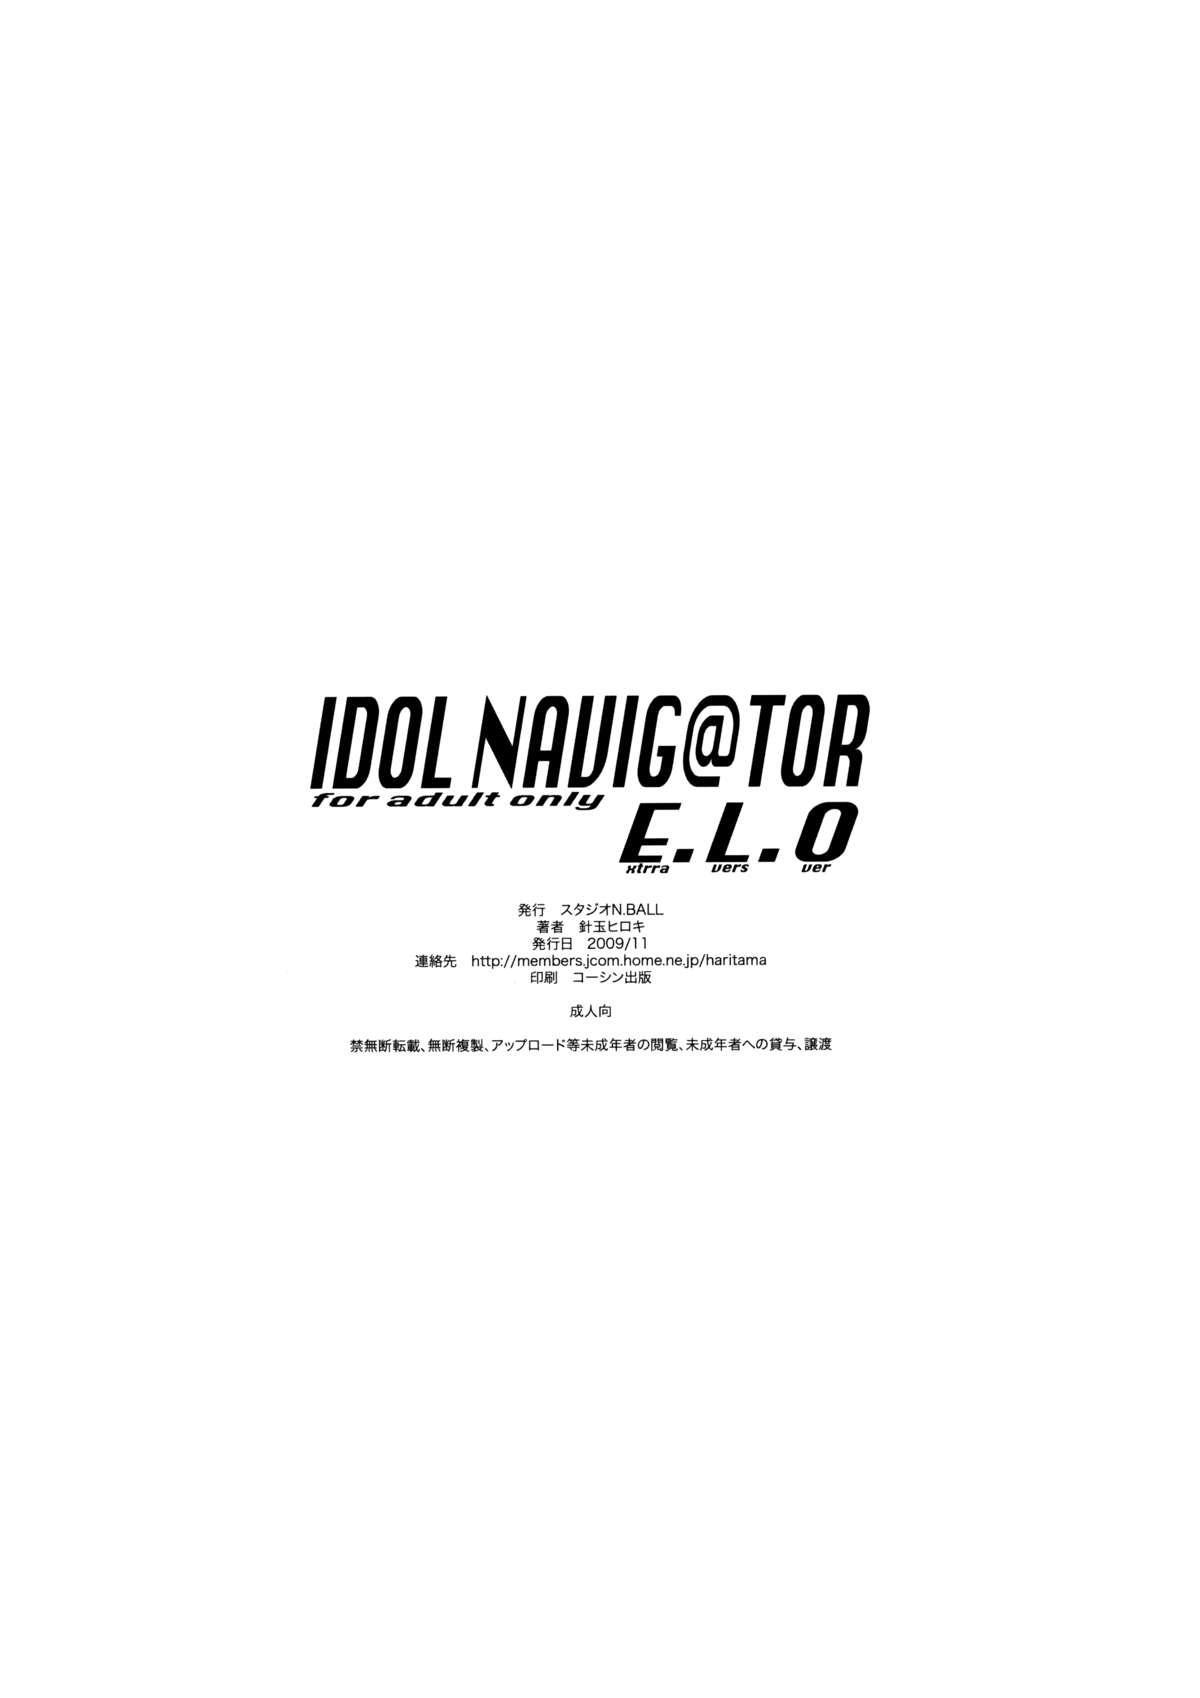 IDOL NAVIG@TOR E.L.O 112